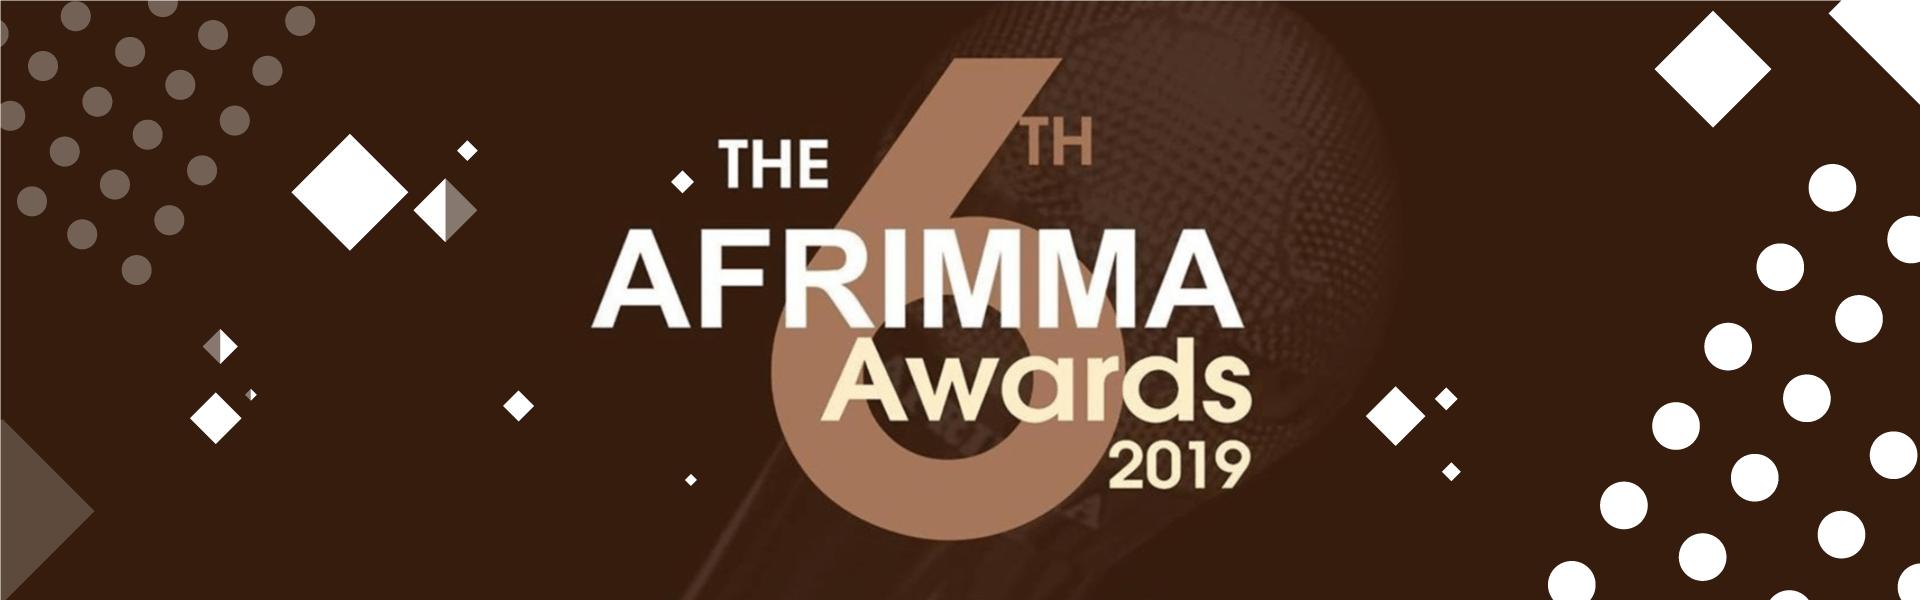 Afrimma Awards 2019 : qui sont les grands gagnants de cette édition ?